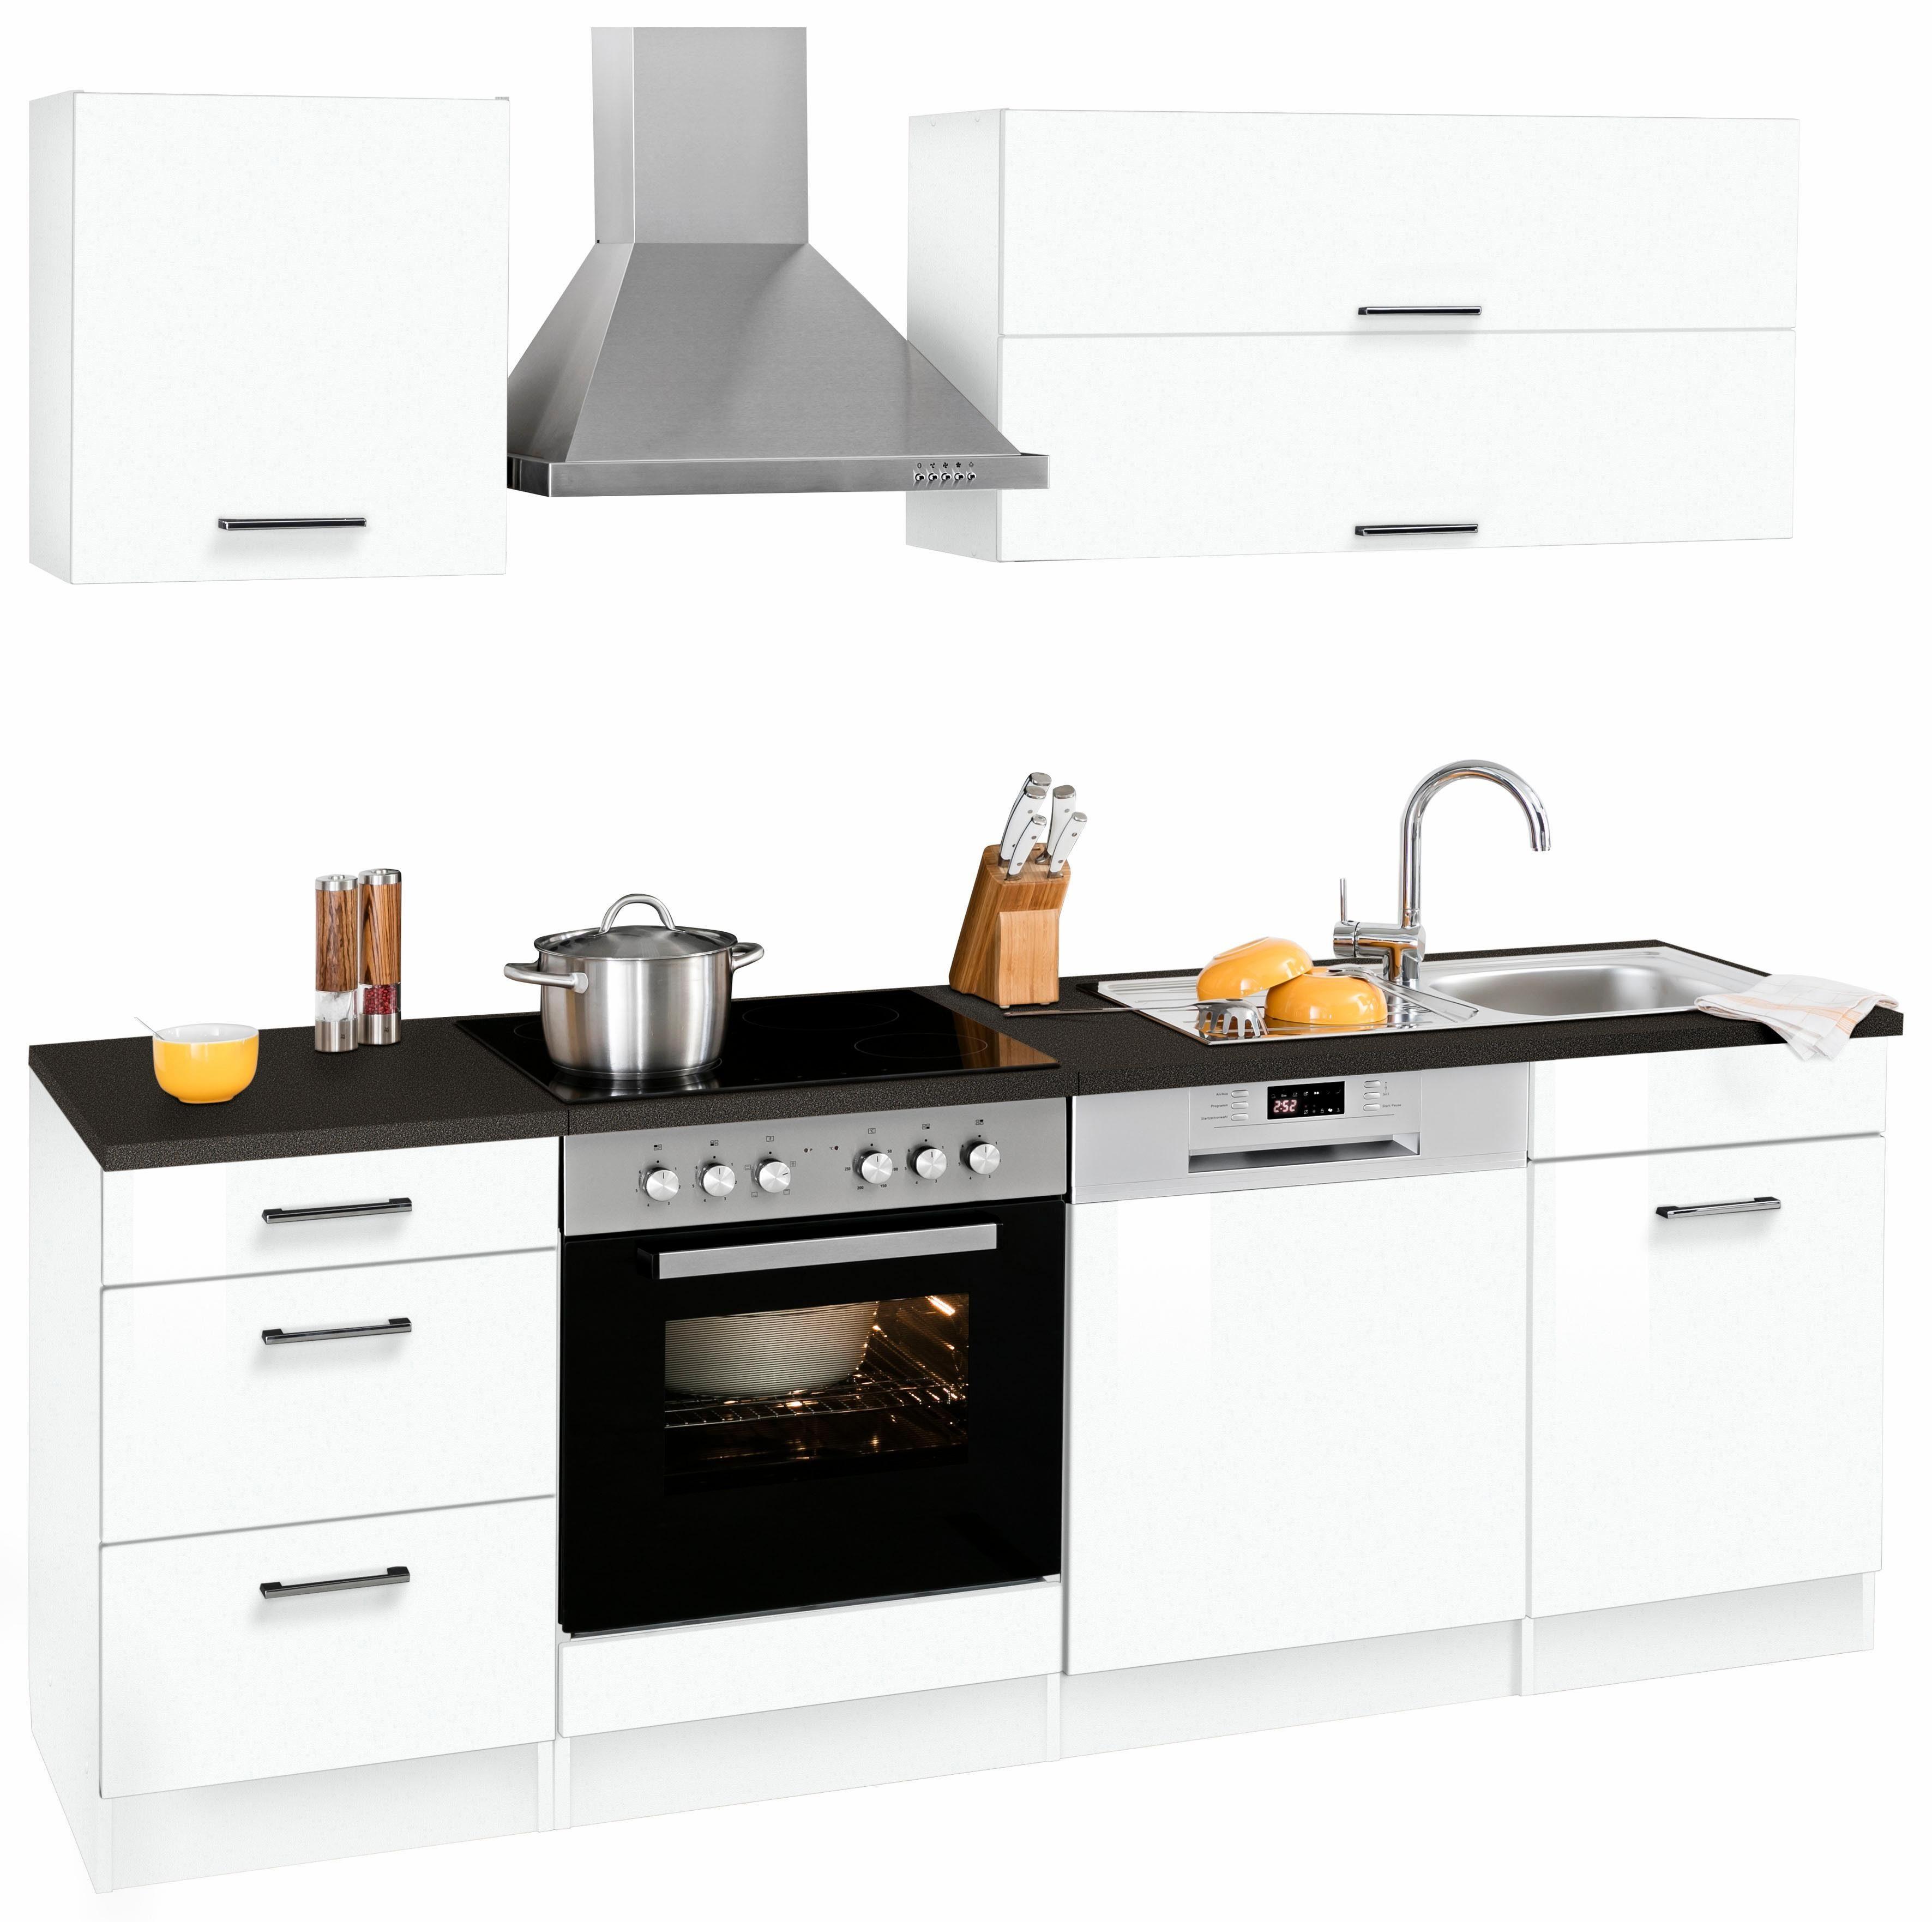 Bezaubernd Küche 220 Cm Referenz Von Held MÖbel Küchenzeile Graz Ohne E Geräte